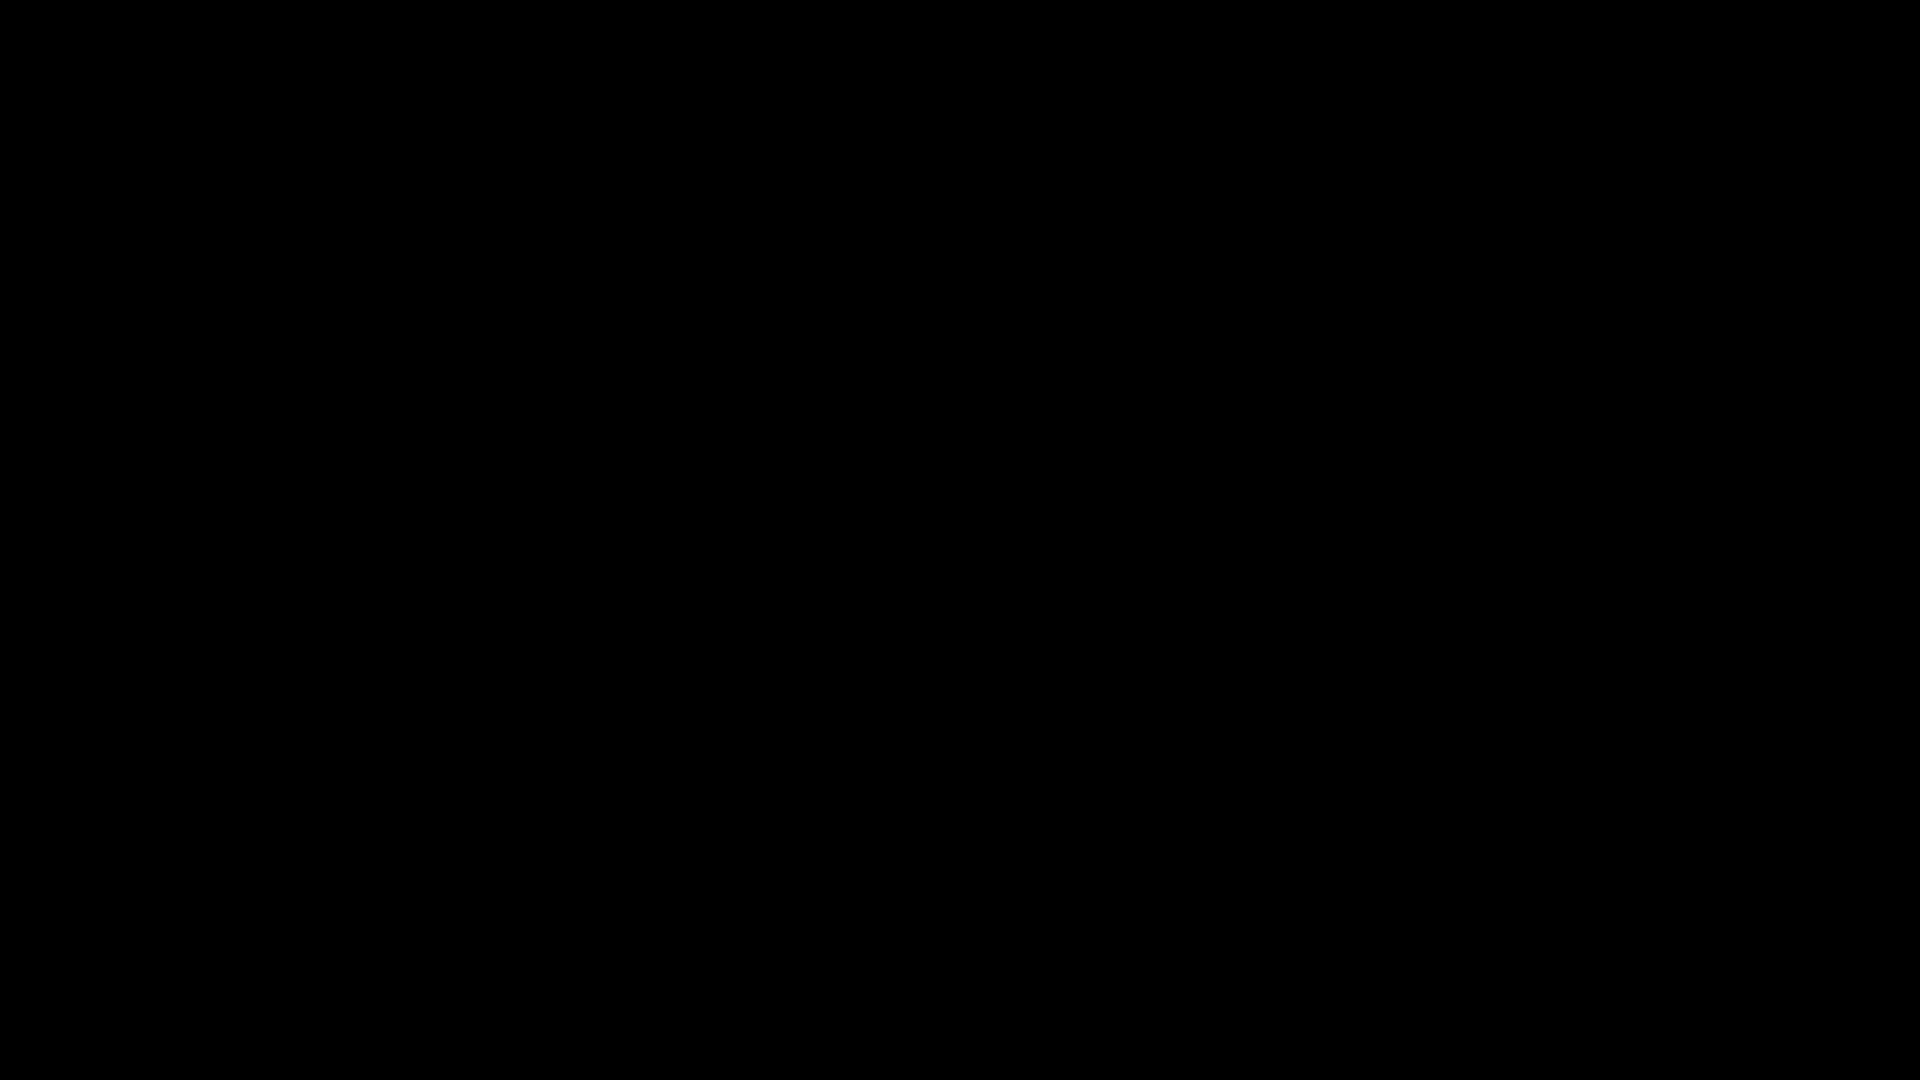 Planetside2, gaming, millerplanetside, Planetside2 Jumpscare simulator GIFs